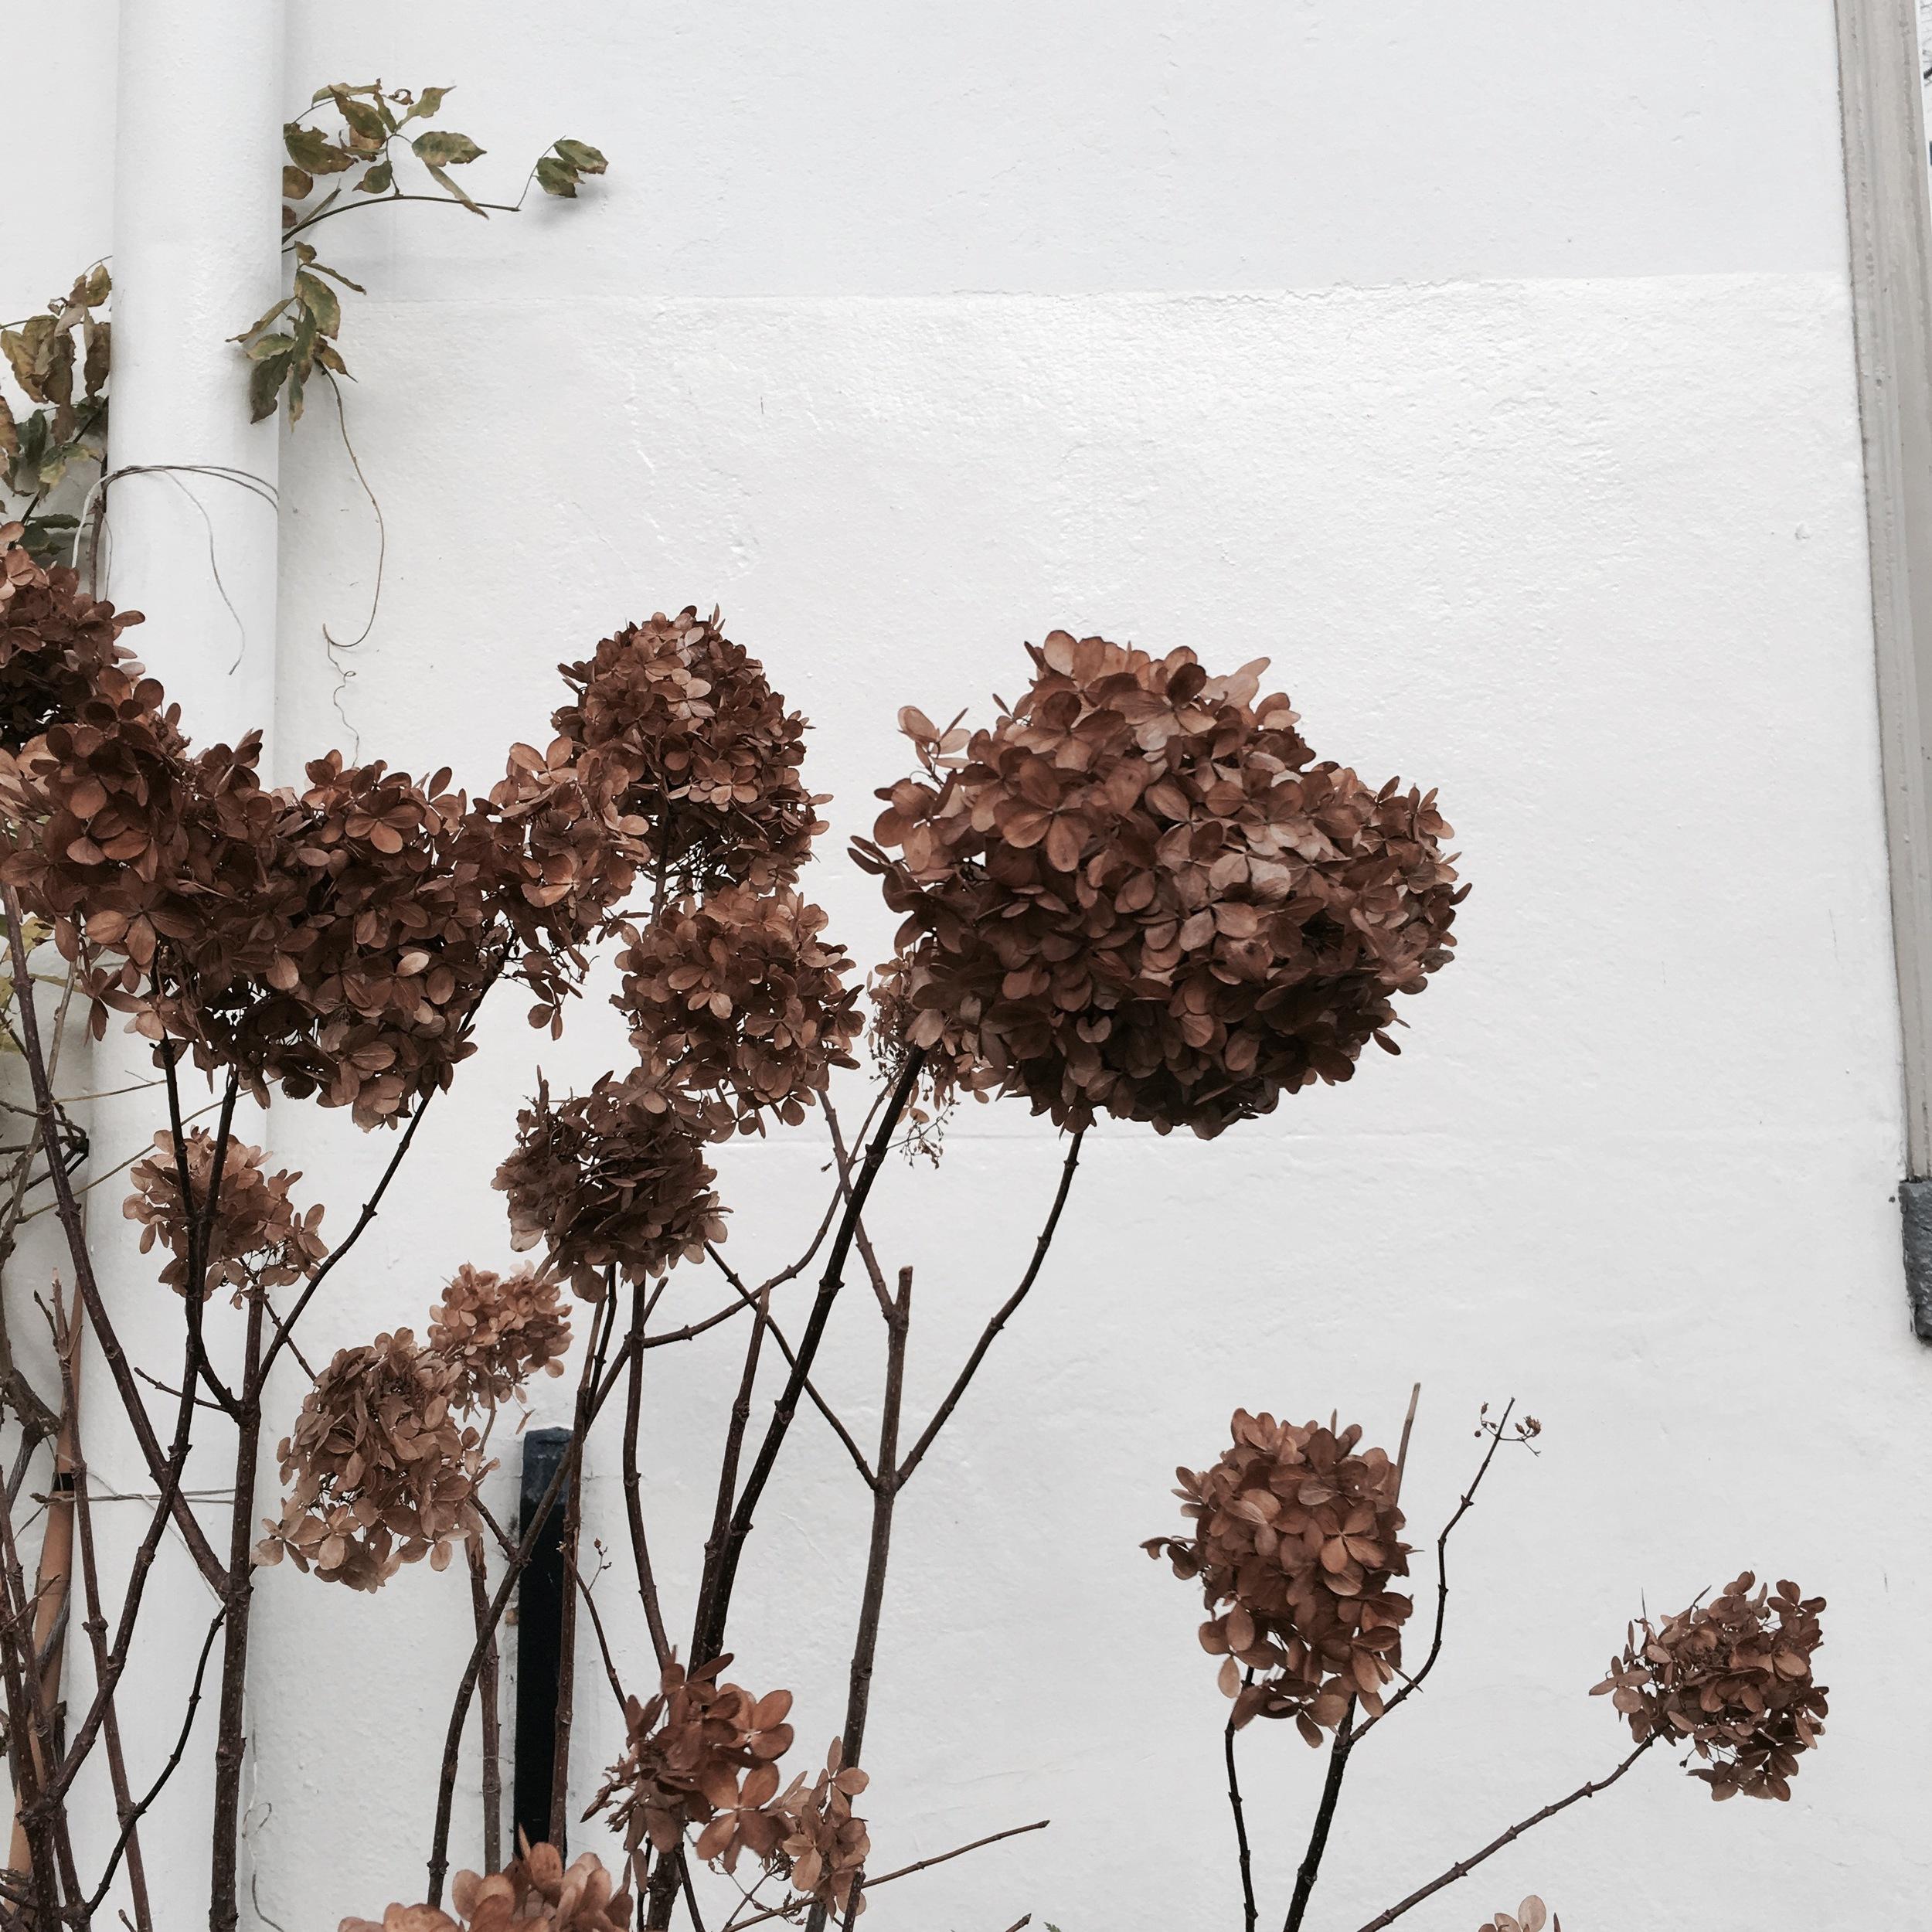 Flower bloom_021.JPG